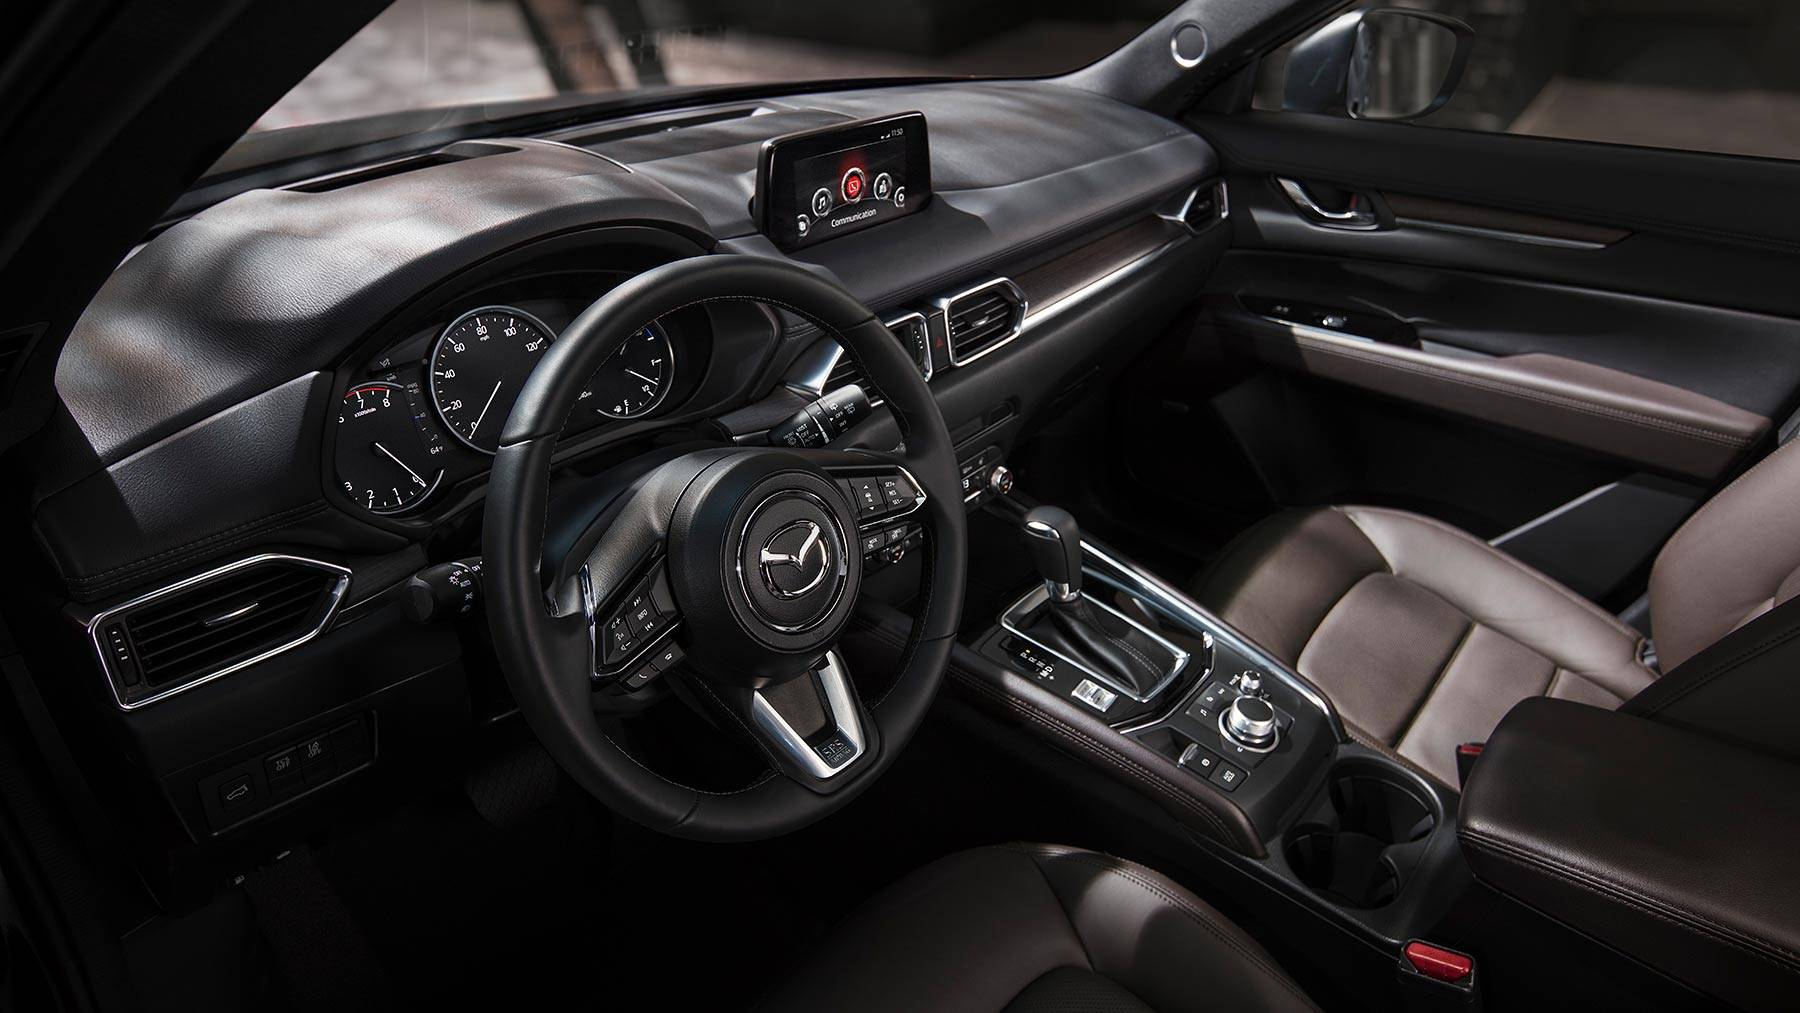 2019 Mazda CX-5 Center Console